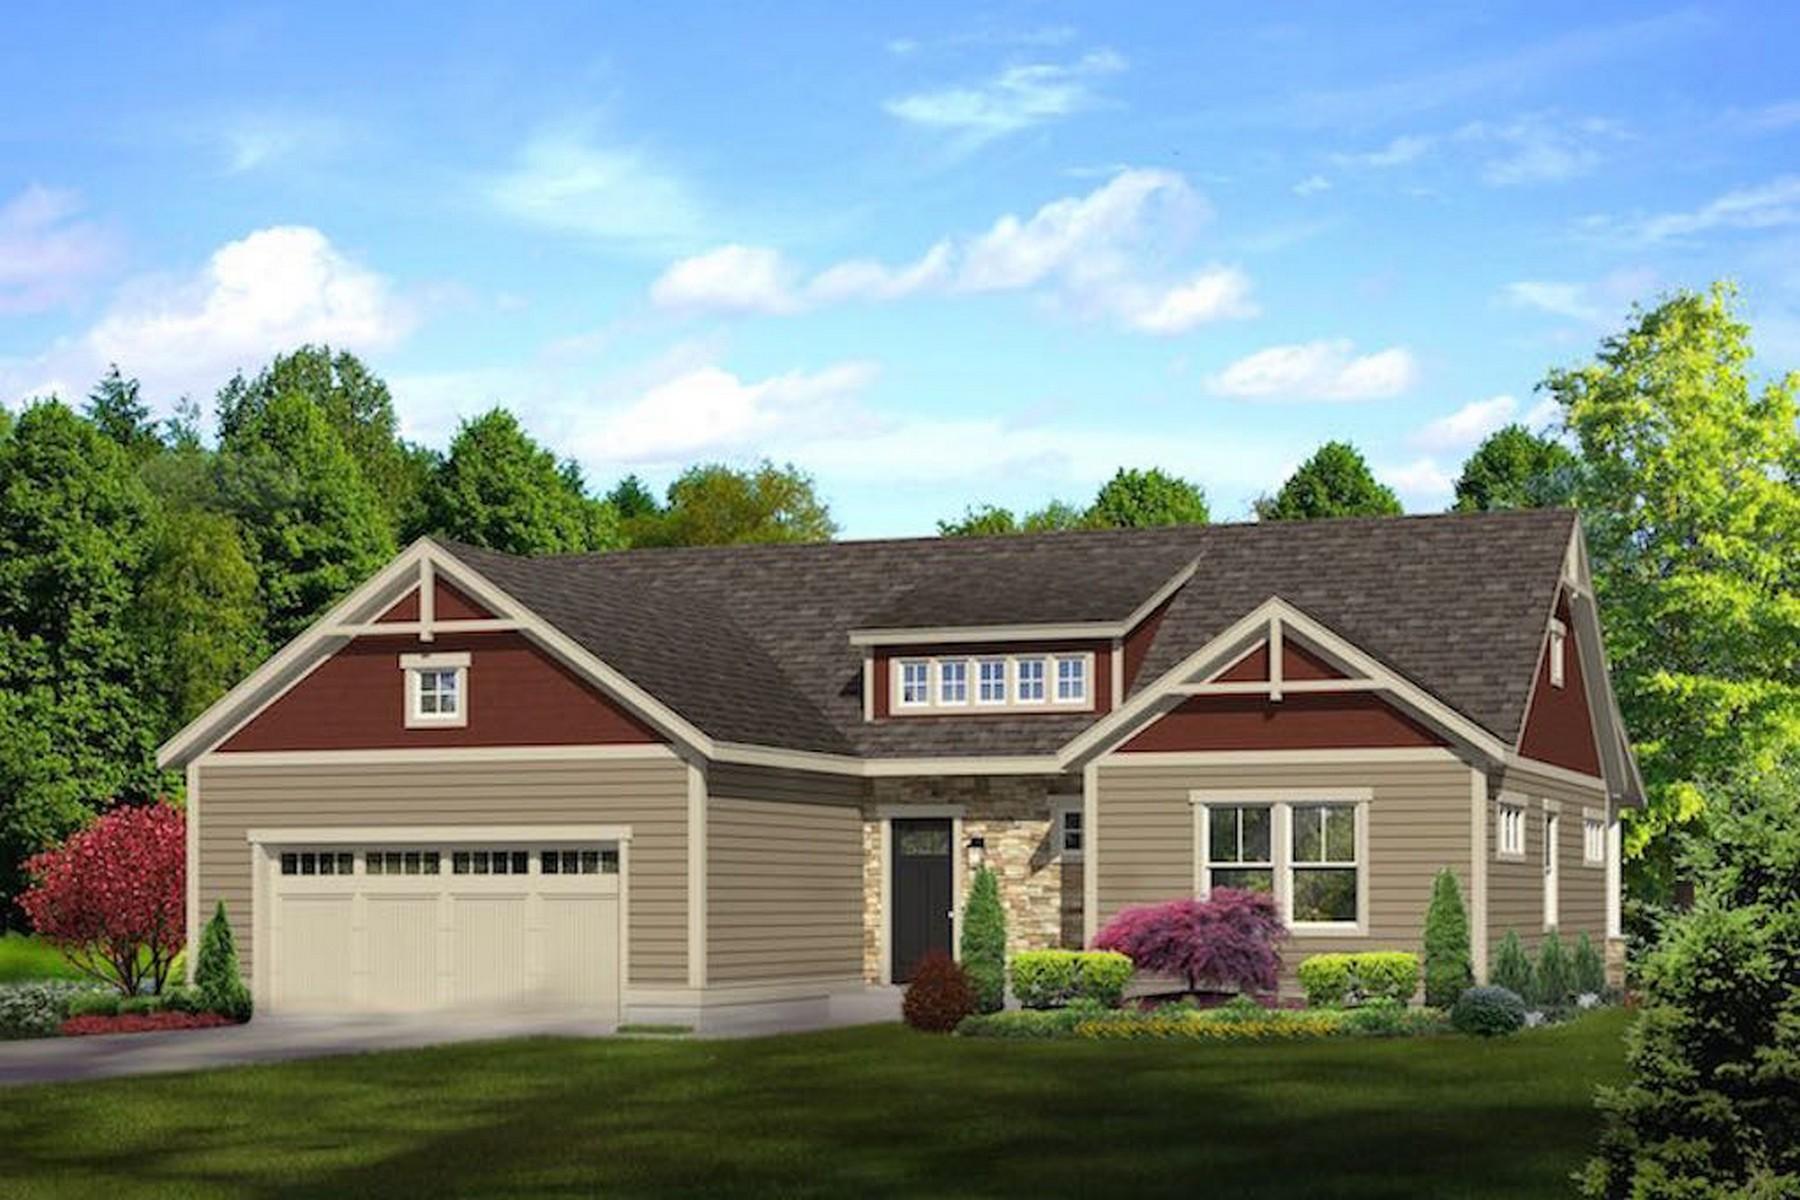 Einfamilienhaus für Verkauf beim Classic Craftsman Style Home 174 Haas Rd Schuylerville, New York 12871 Vereinigte Staaten